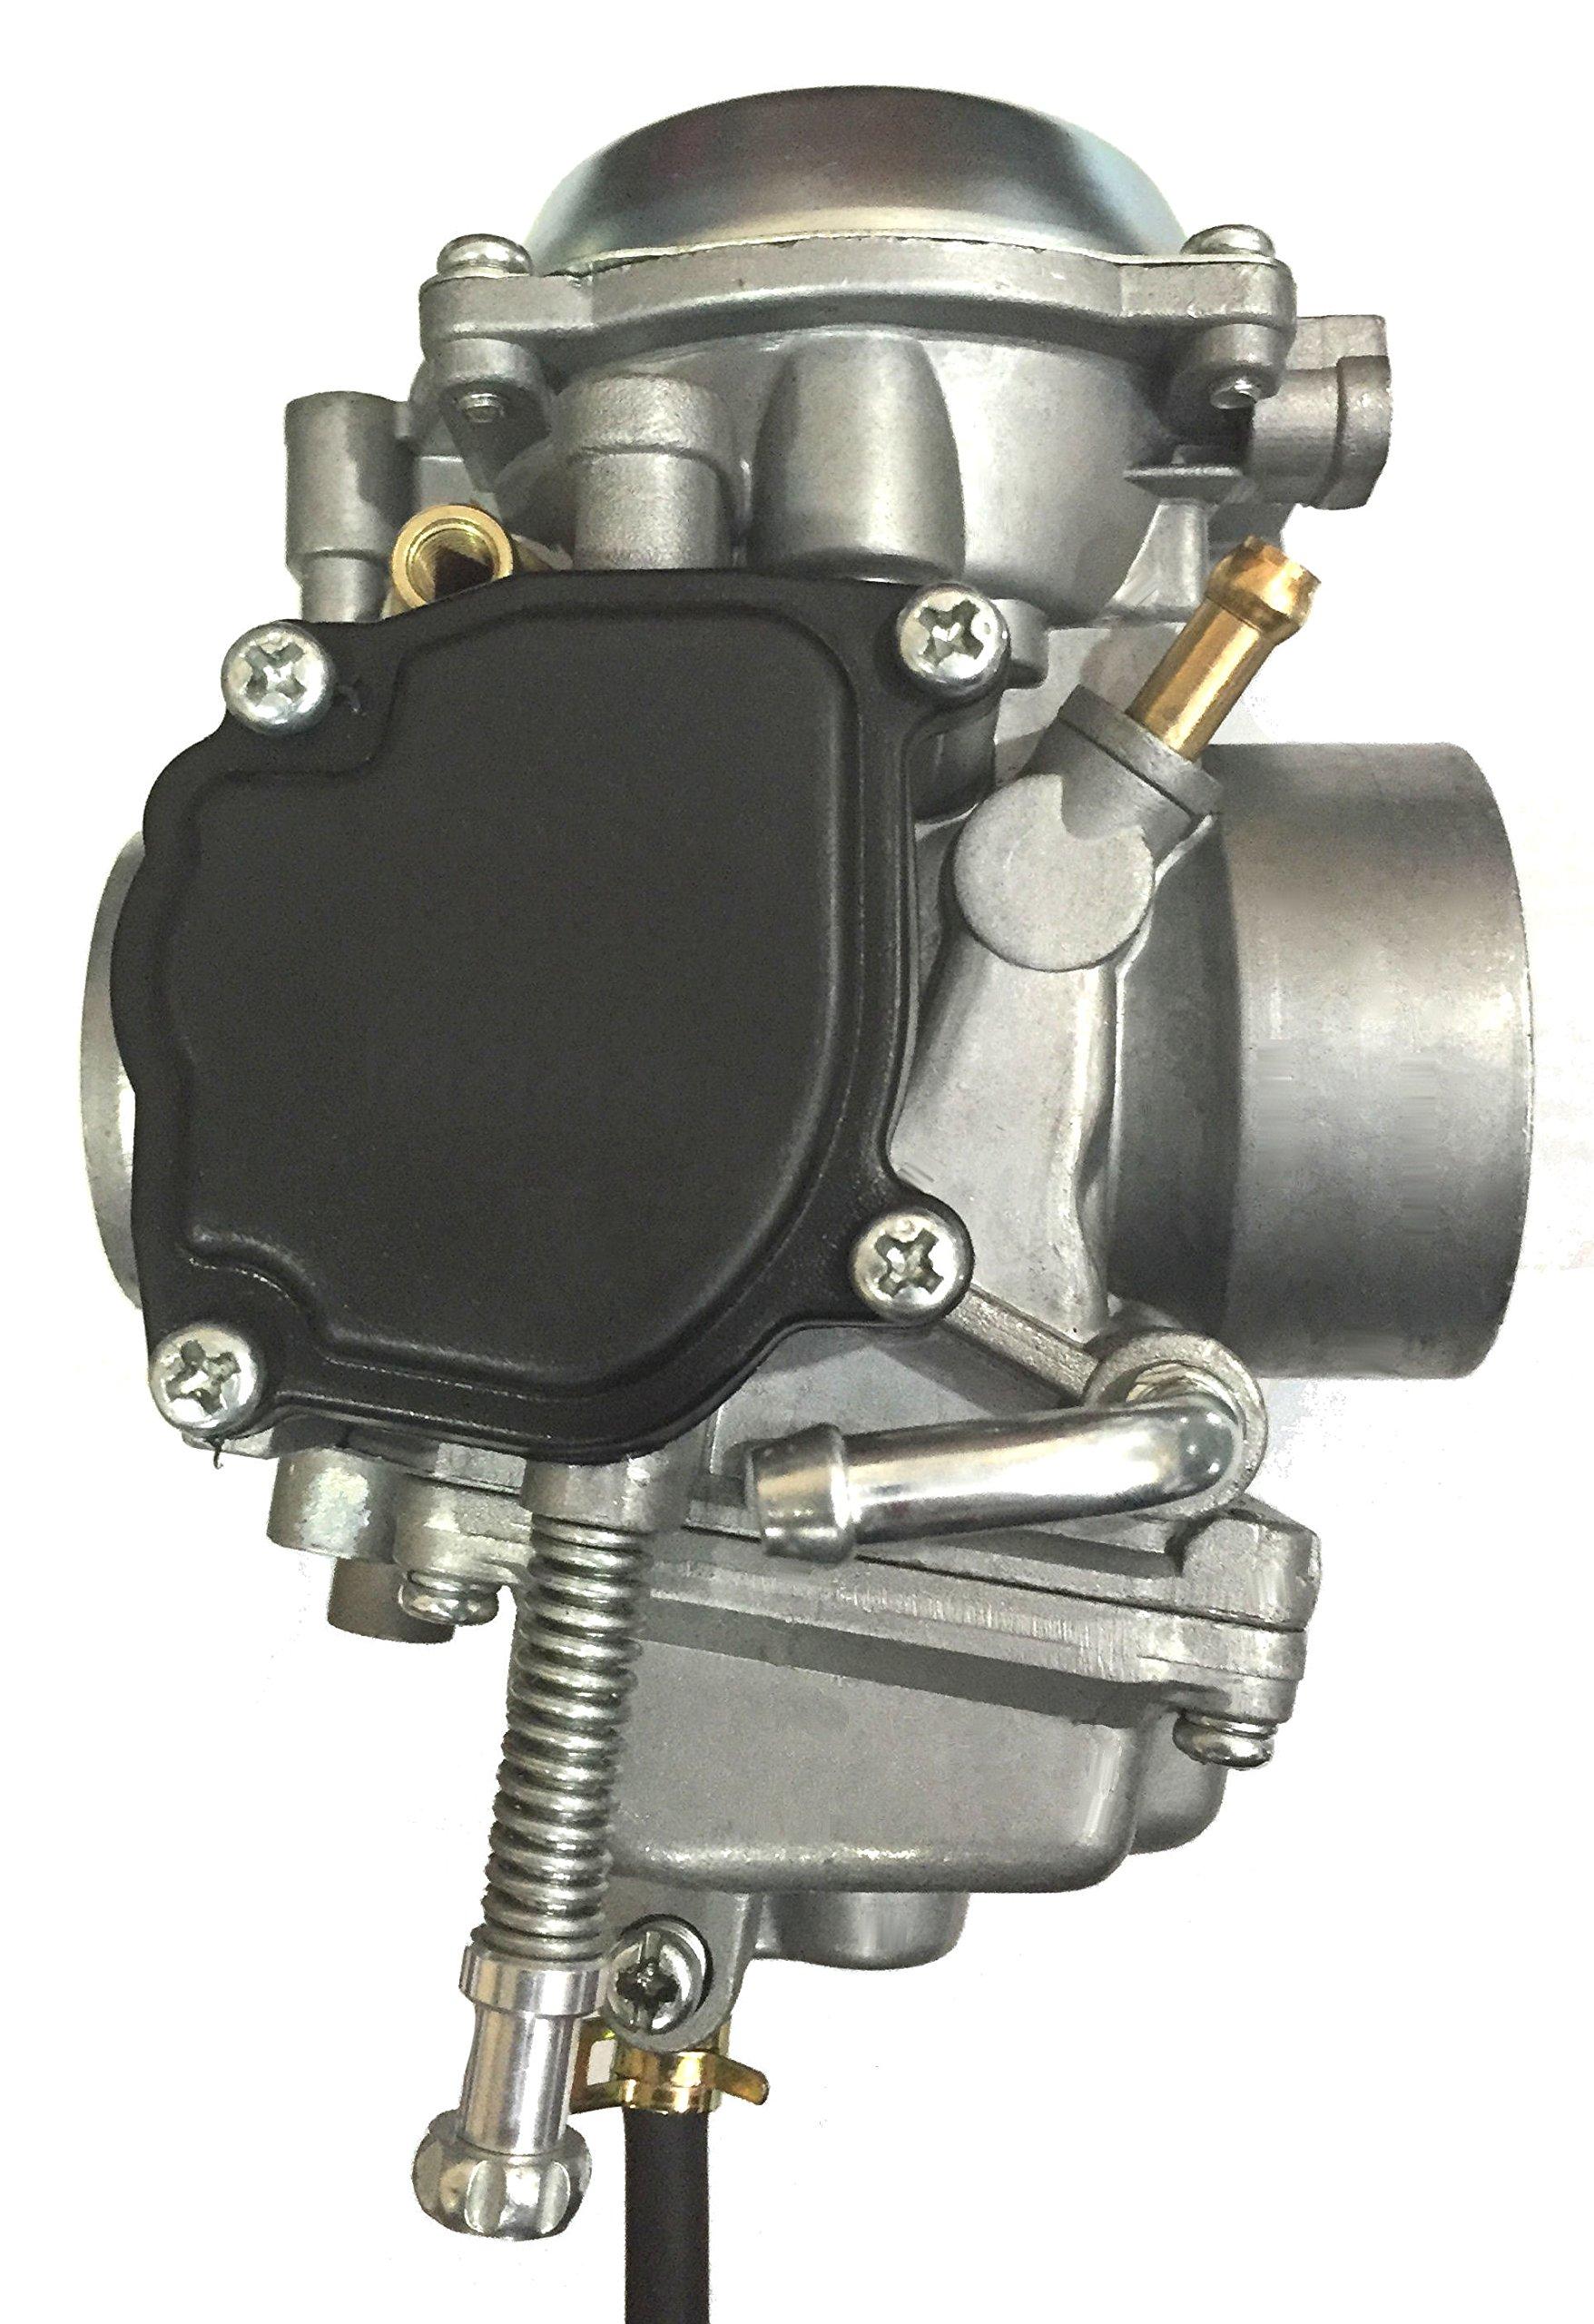 ZOOM ZOOM PARTS NEW CARBURETOR FITS POLARIS SPORTSMAN 500 4x4 ATV QUAD CARB 1999-2000 NON HO